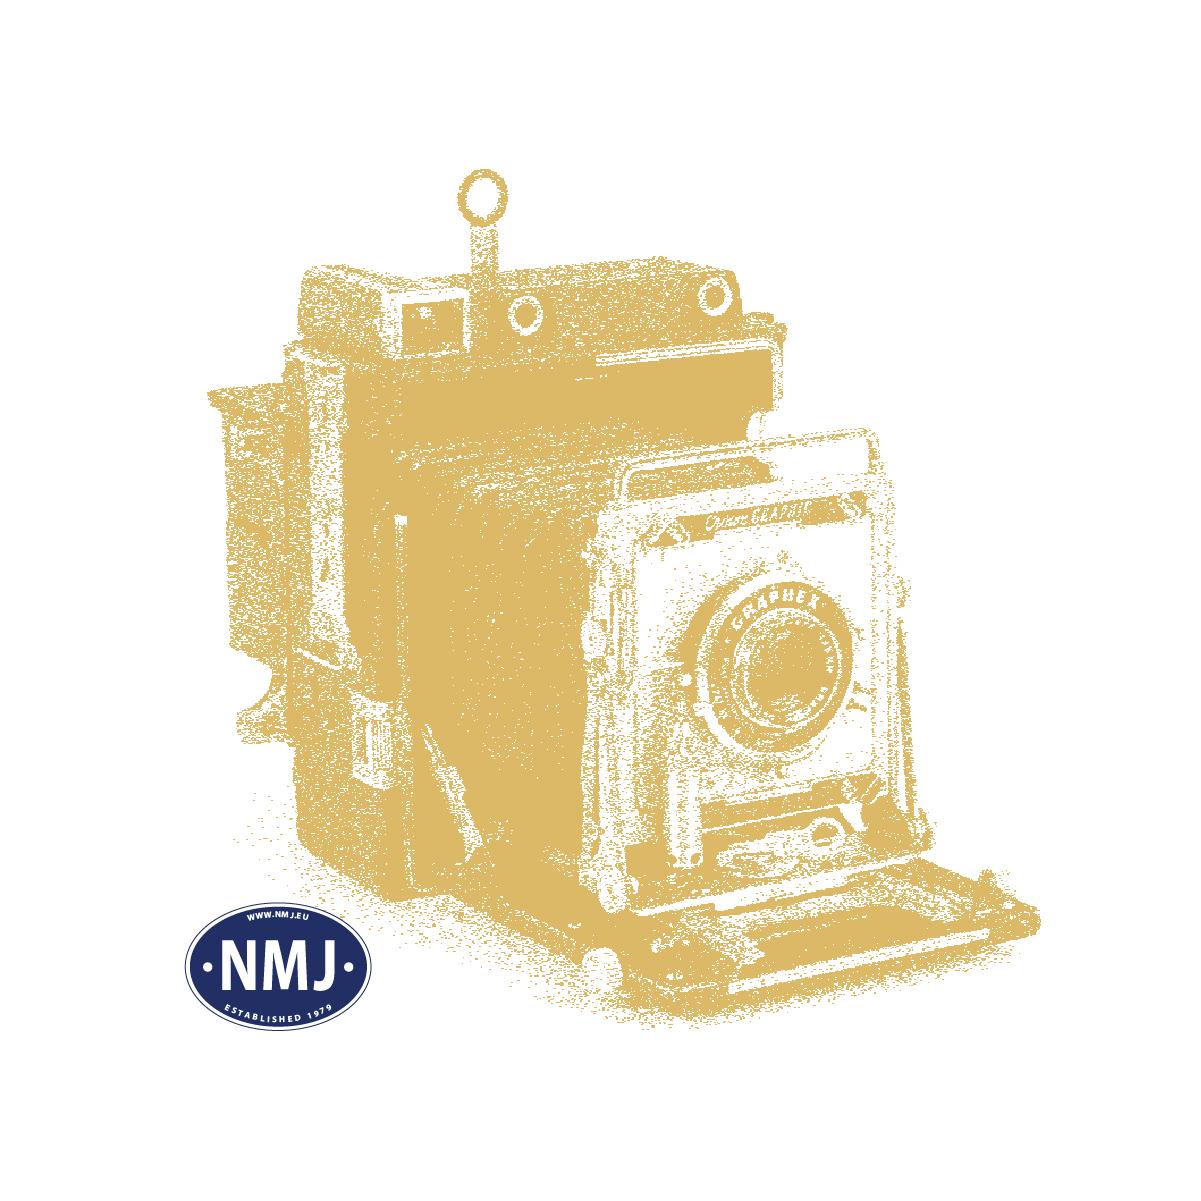 NOC07016 - Gresstuster / Blomster, 92 stk, 2 Farger